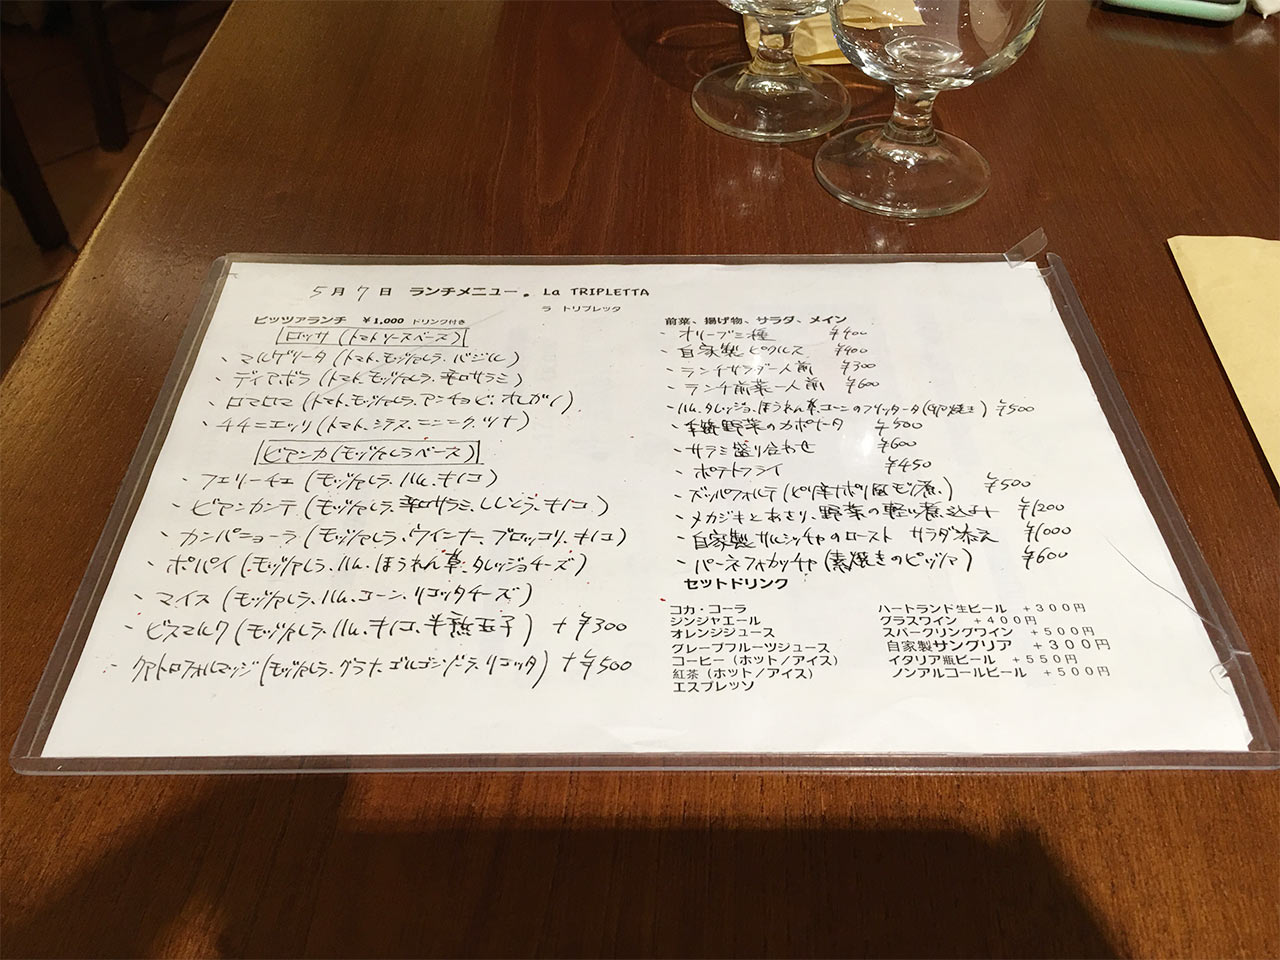 musashikoyama-la-tripletta-menu